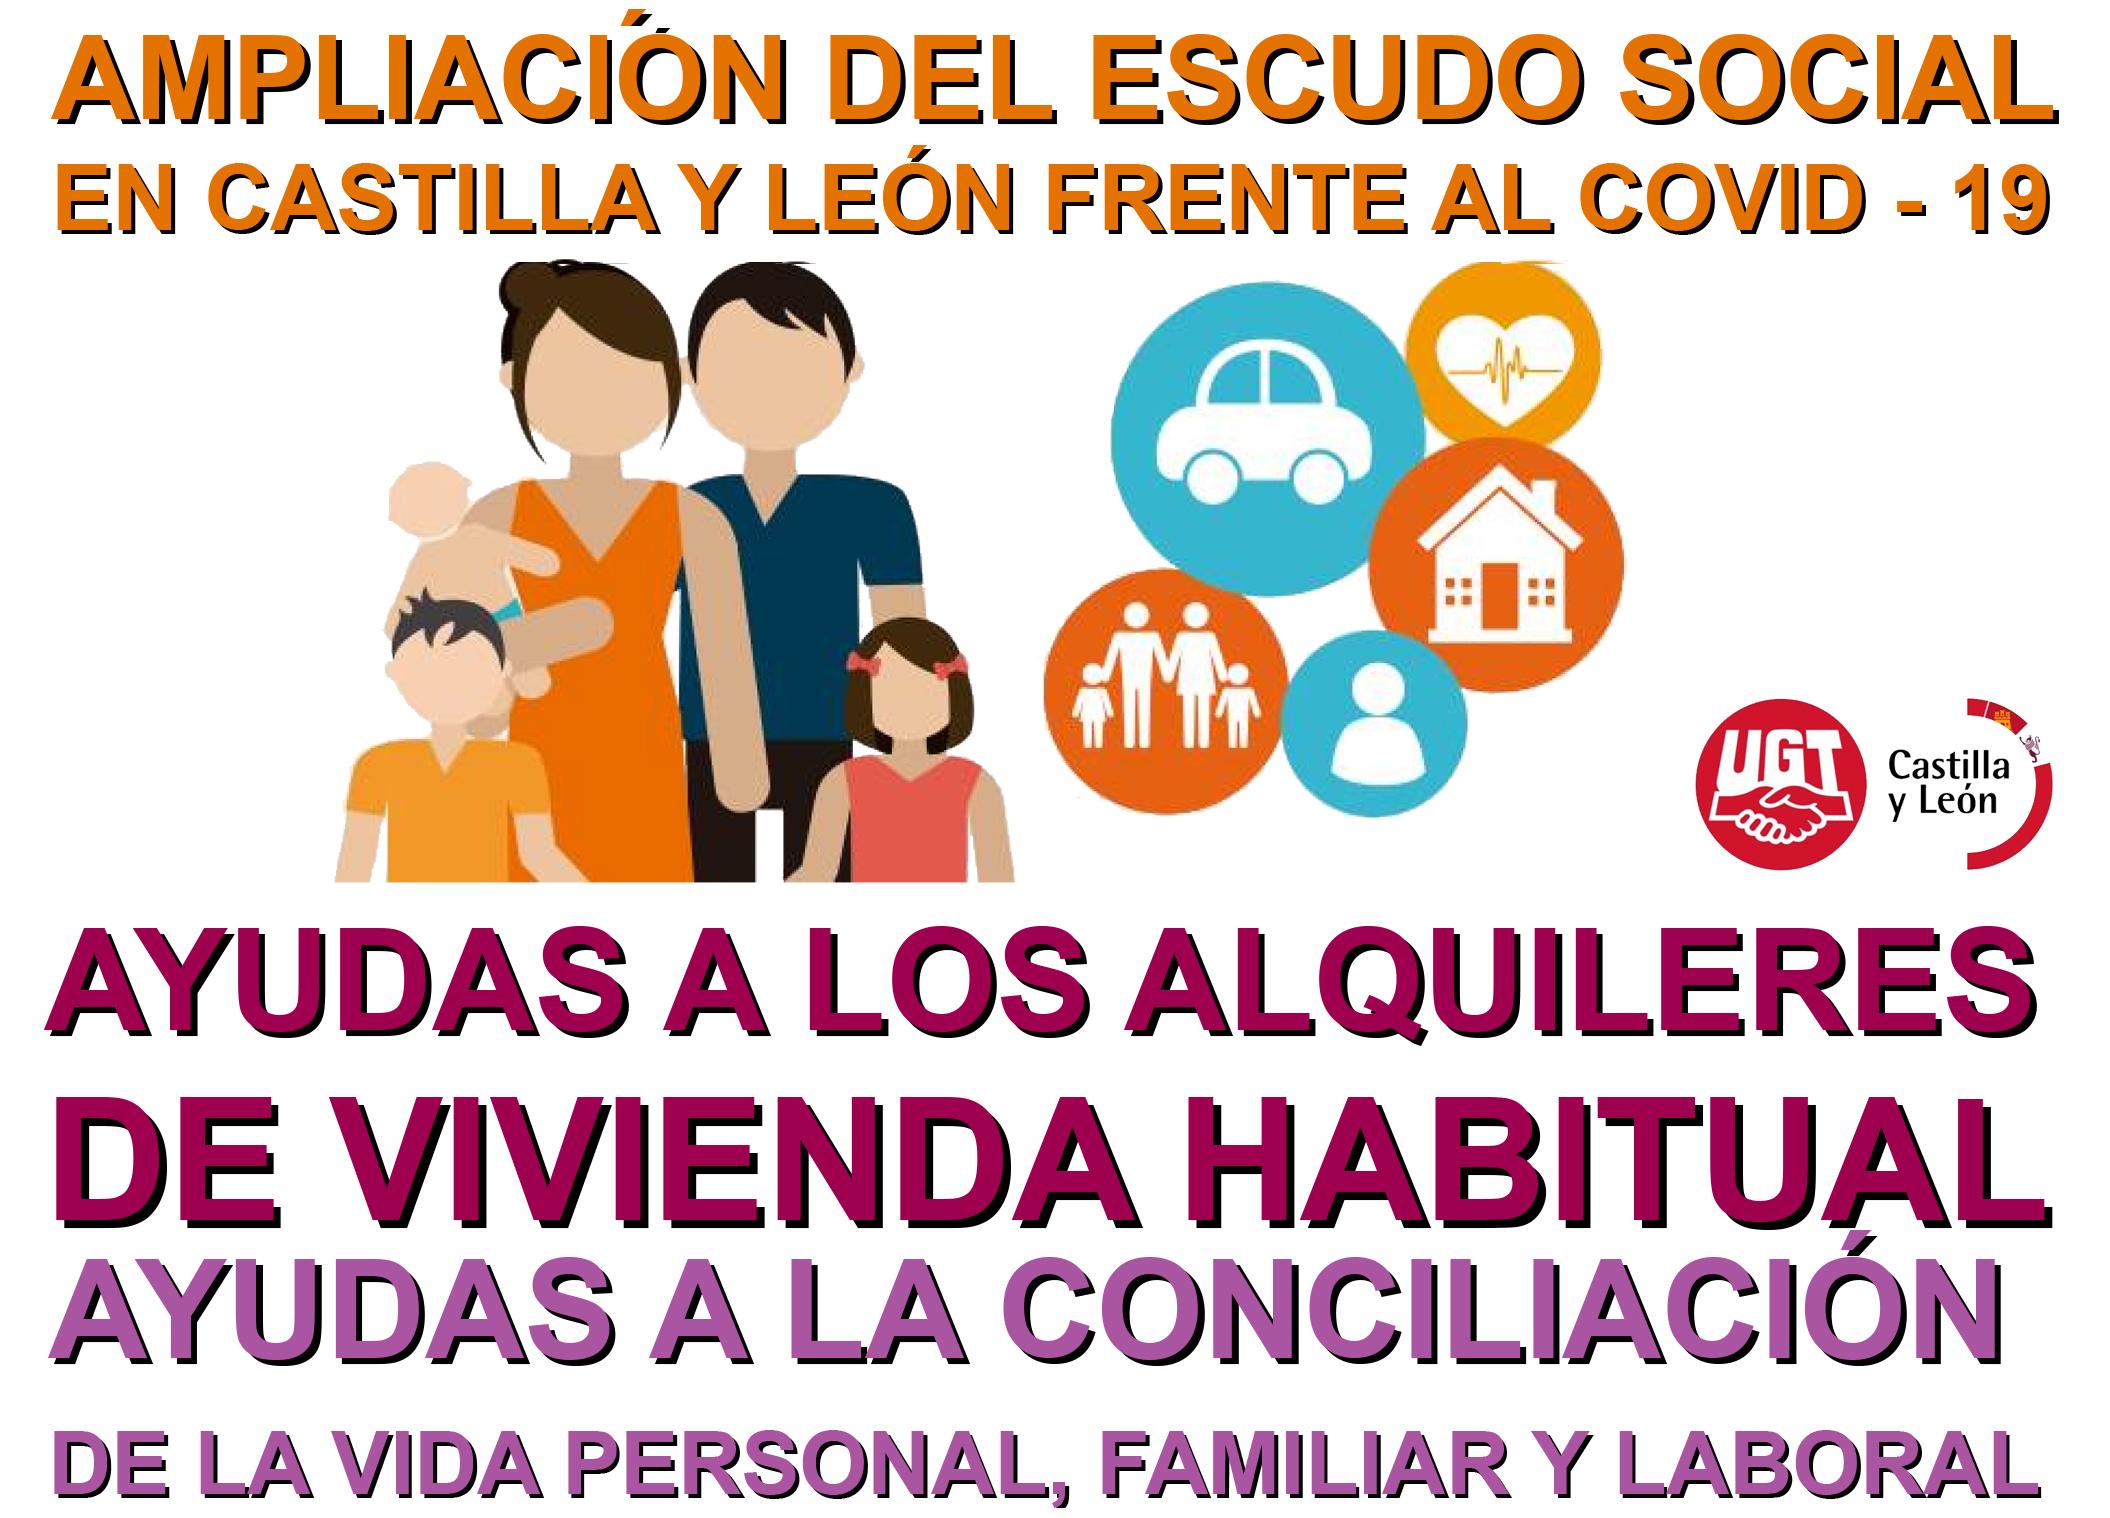 AMPLIACIÓN DEL ESCUDO SOCIAL FRENTE AL COVID 19 AYUDAS A LOS ALQUILERES y CONCILIACIÓN CASTILLA Y LEÓN